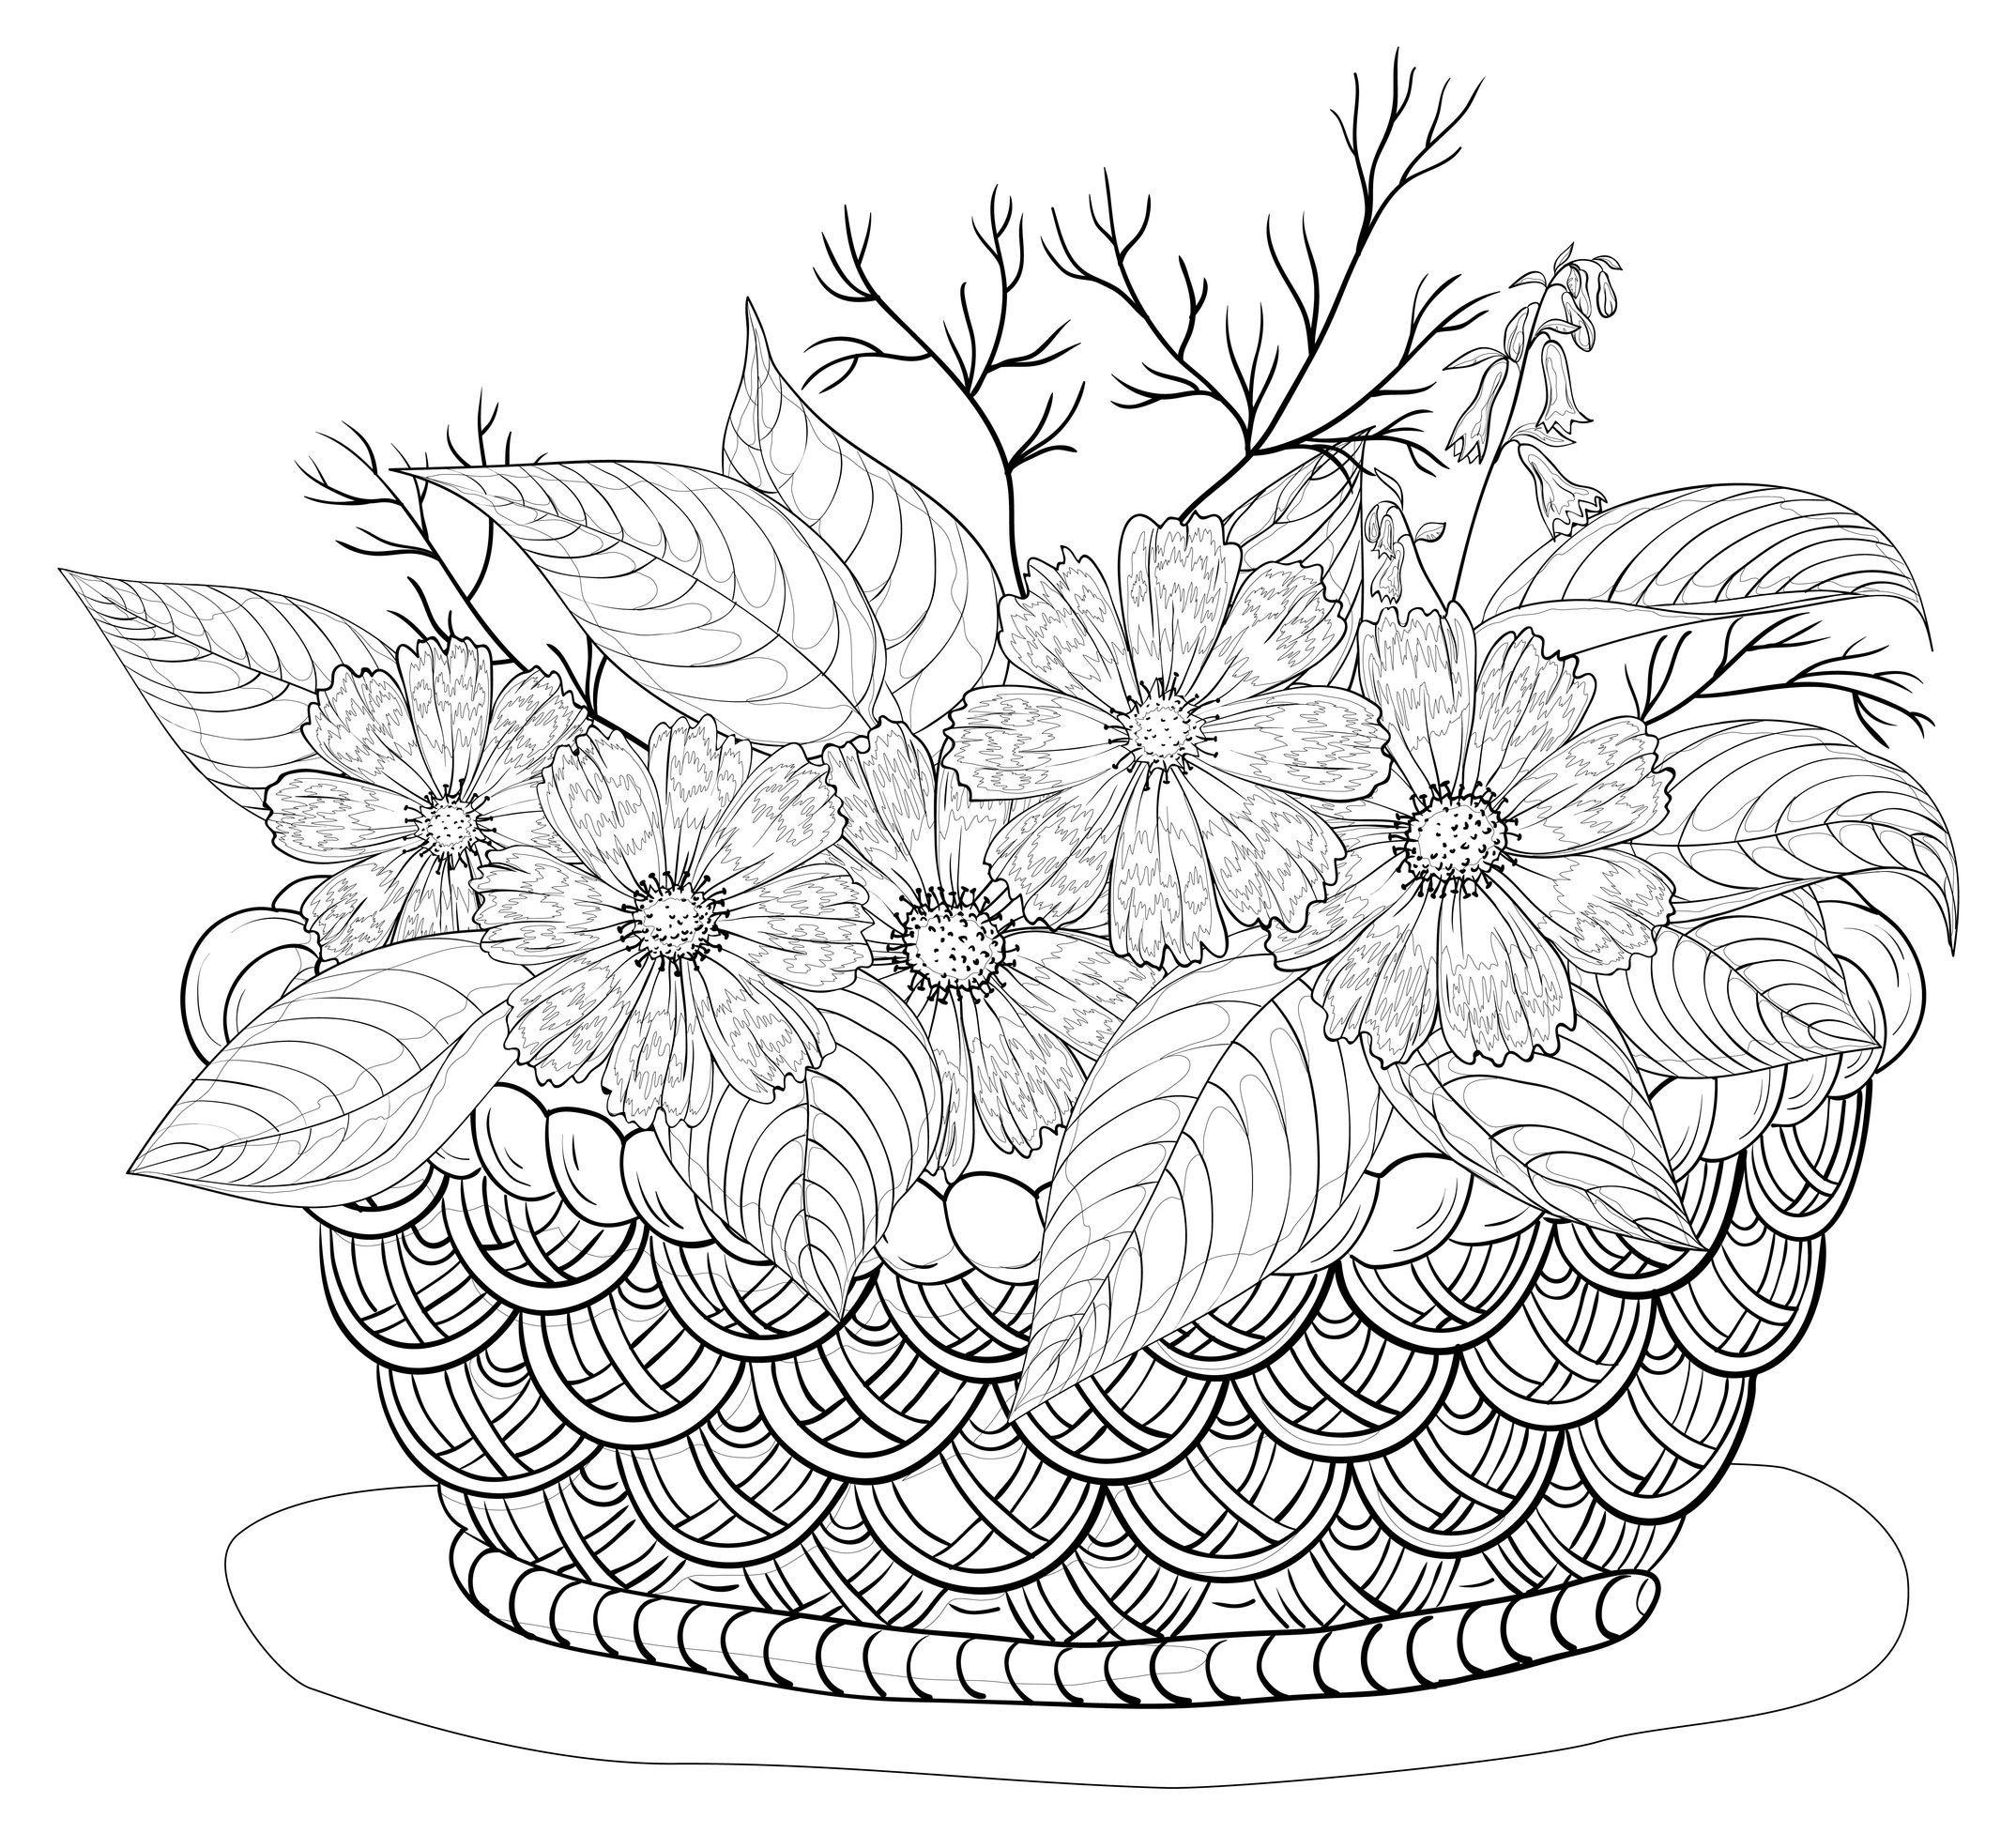 R sultat de recherche d 39 images pour coloriage adulte - Mandala paysage ...